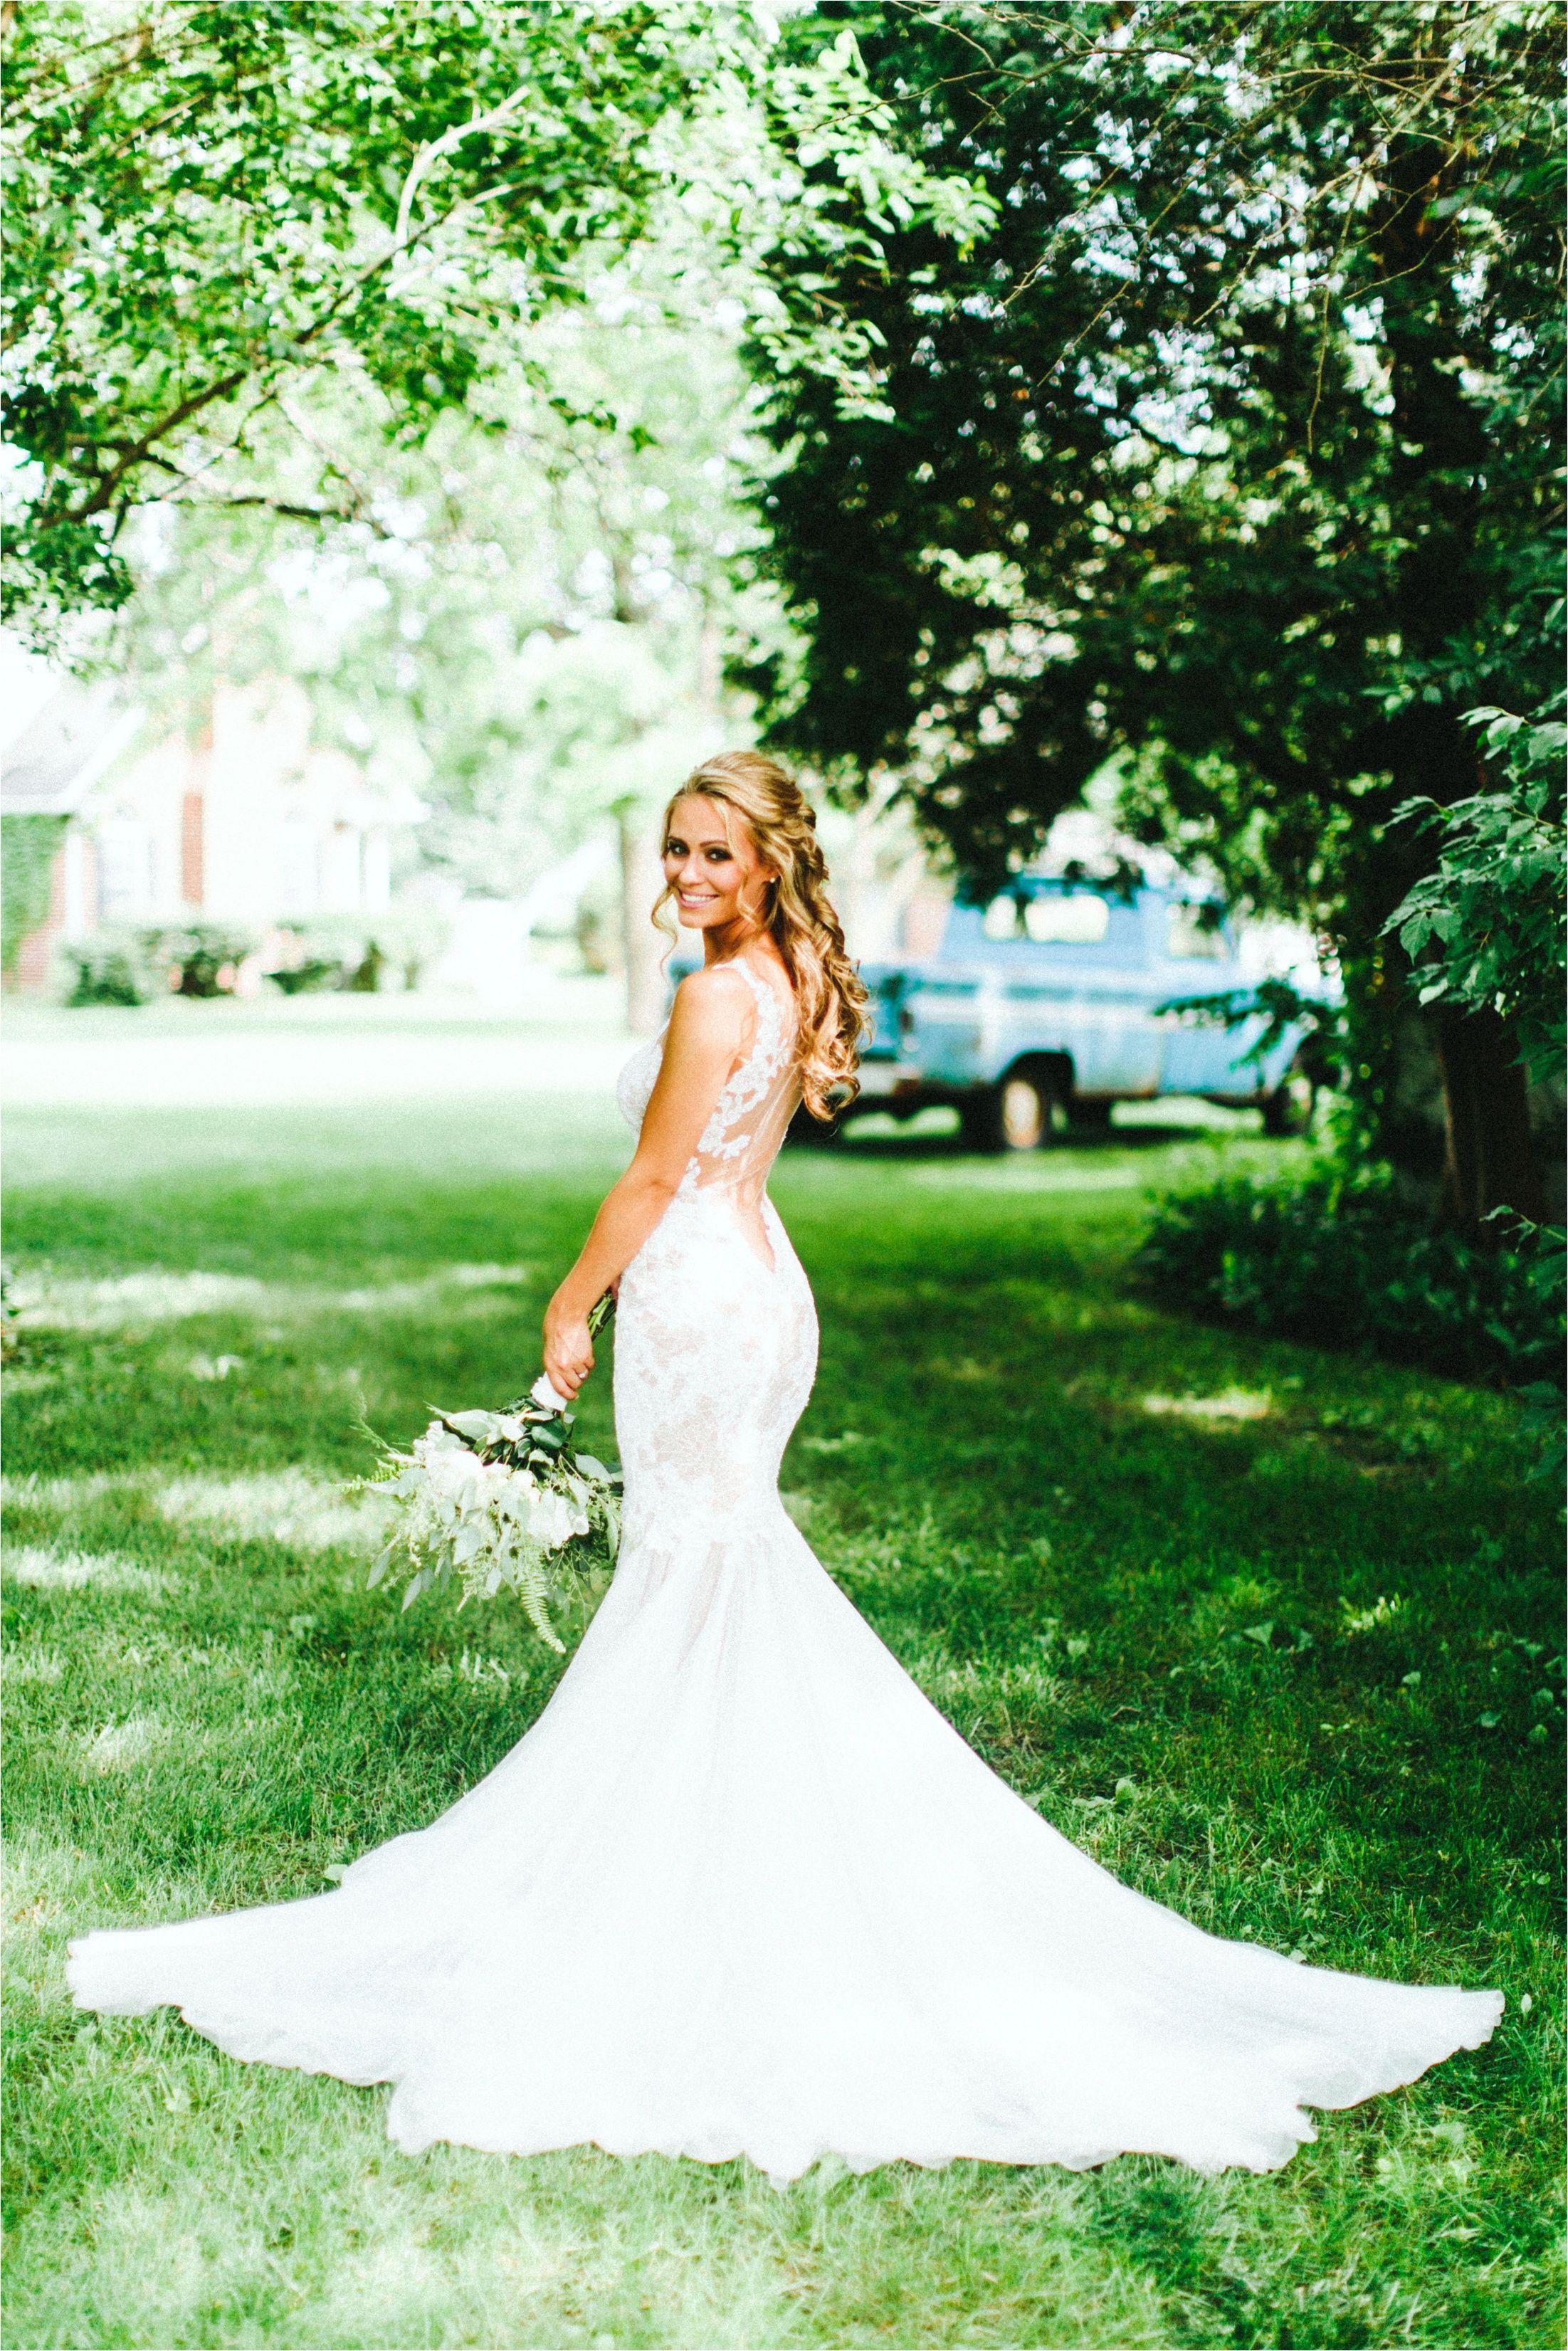 Givingtreephotographyg wedding picture ideas uc uc